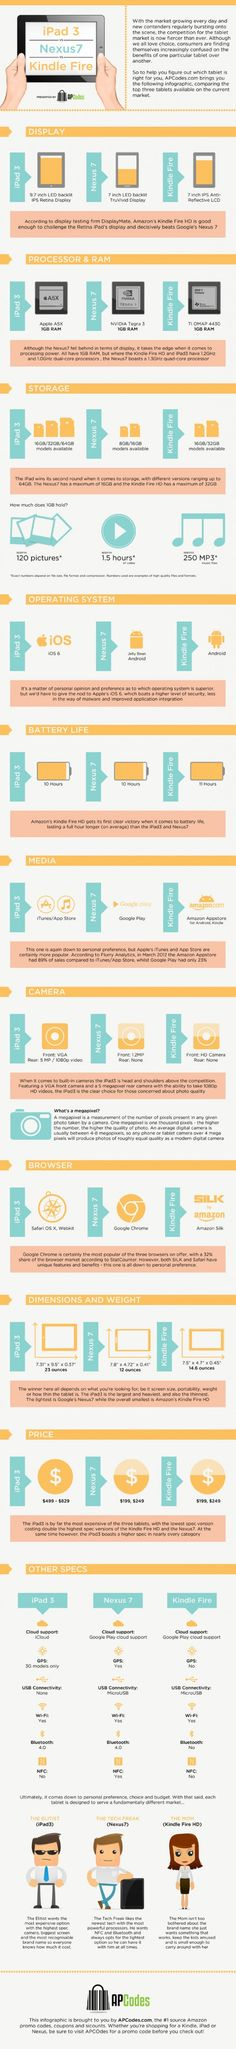 iPad Mini vs. Nexus 7 vs. Kindle Fire. ¿Cual hay que elegir? Infografía | TICbeat